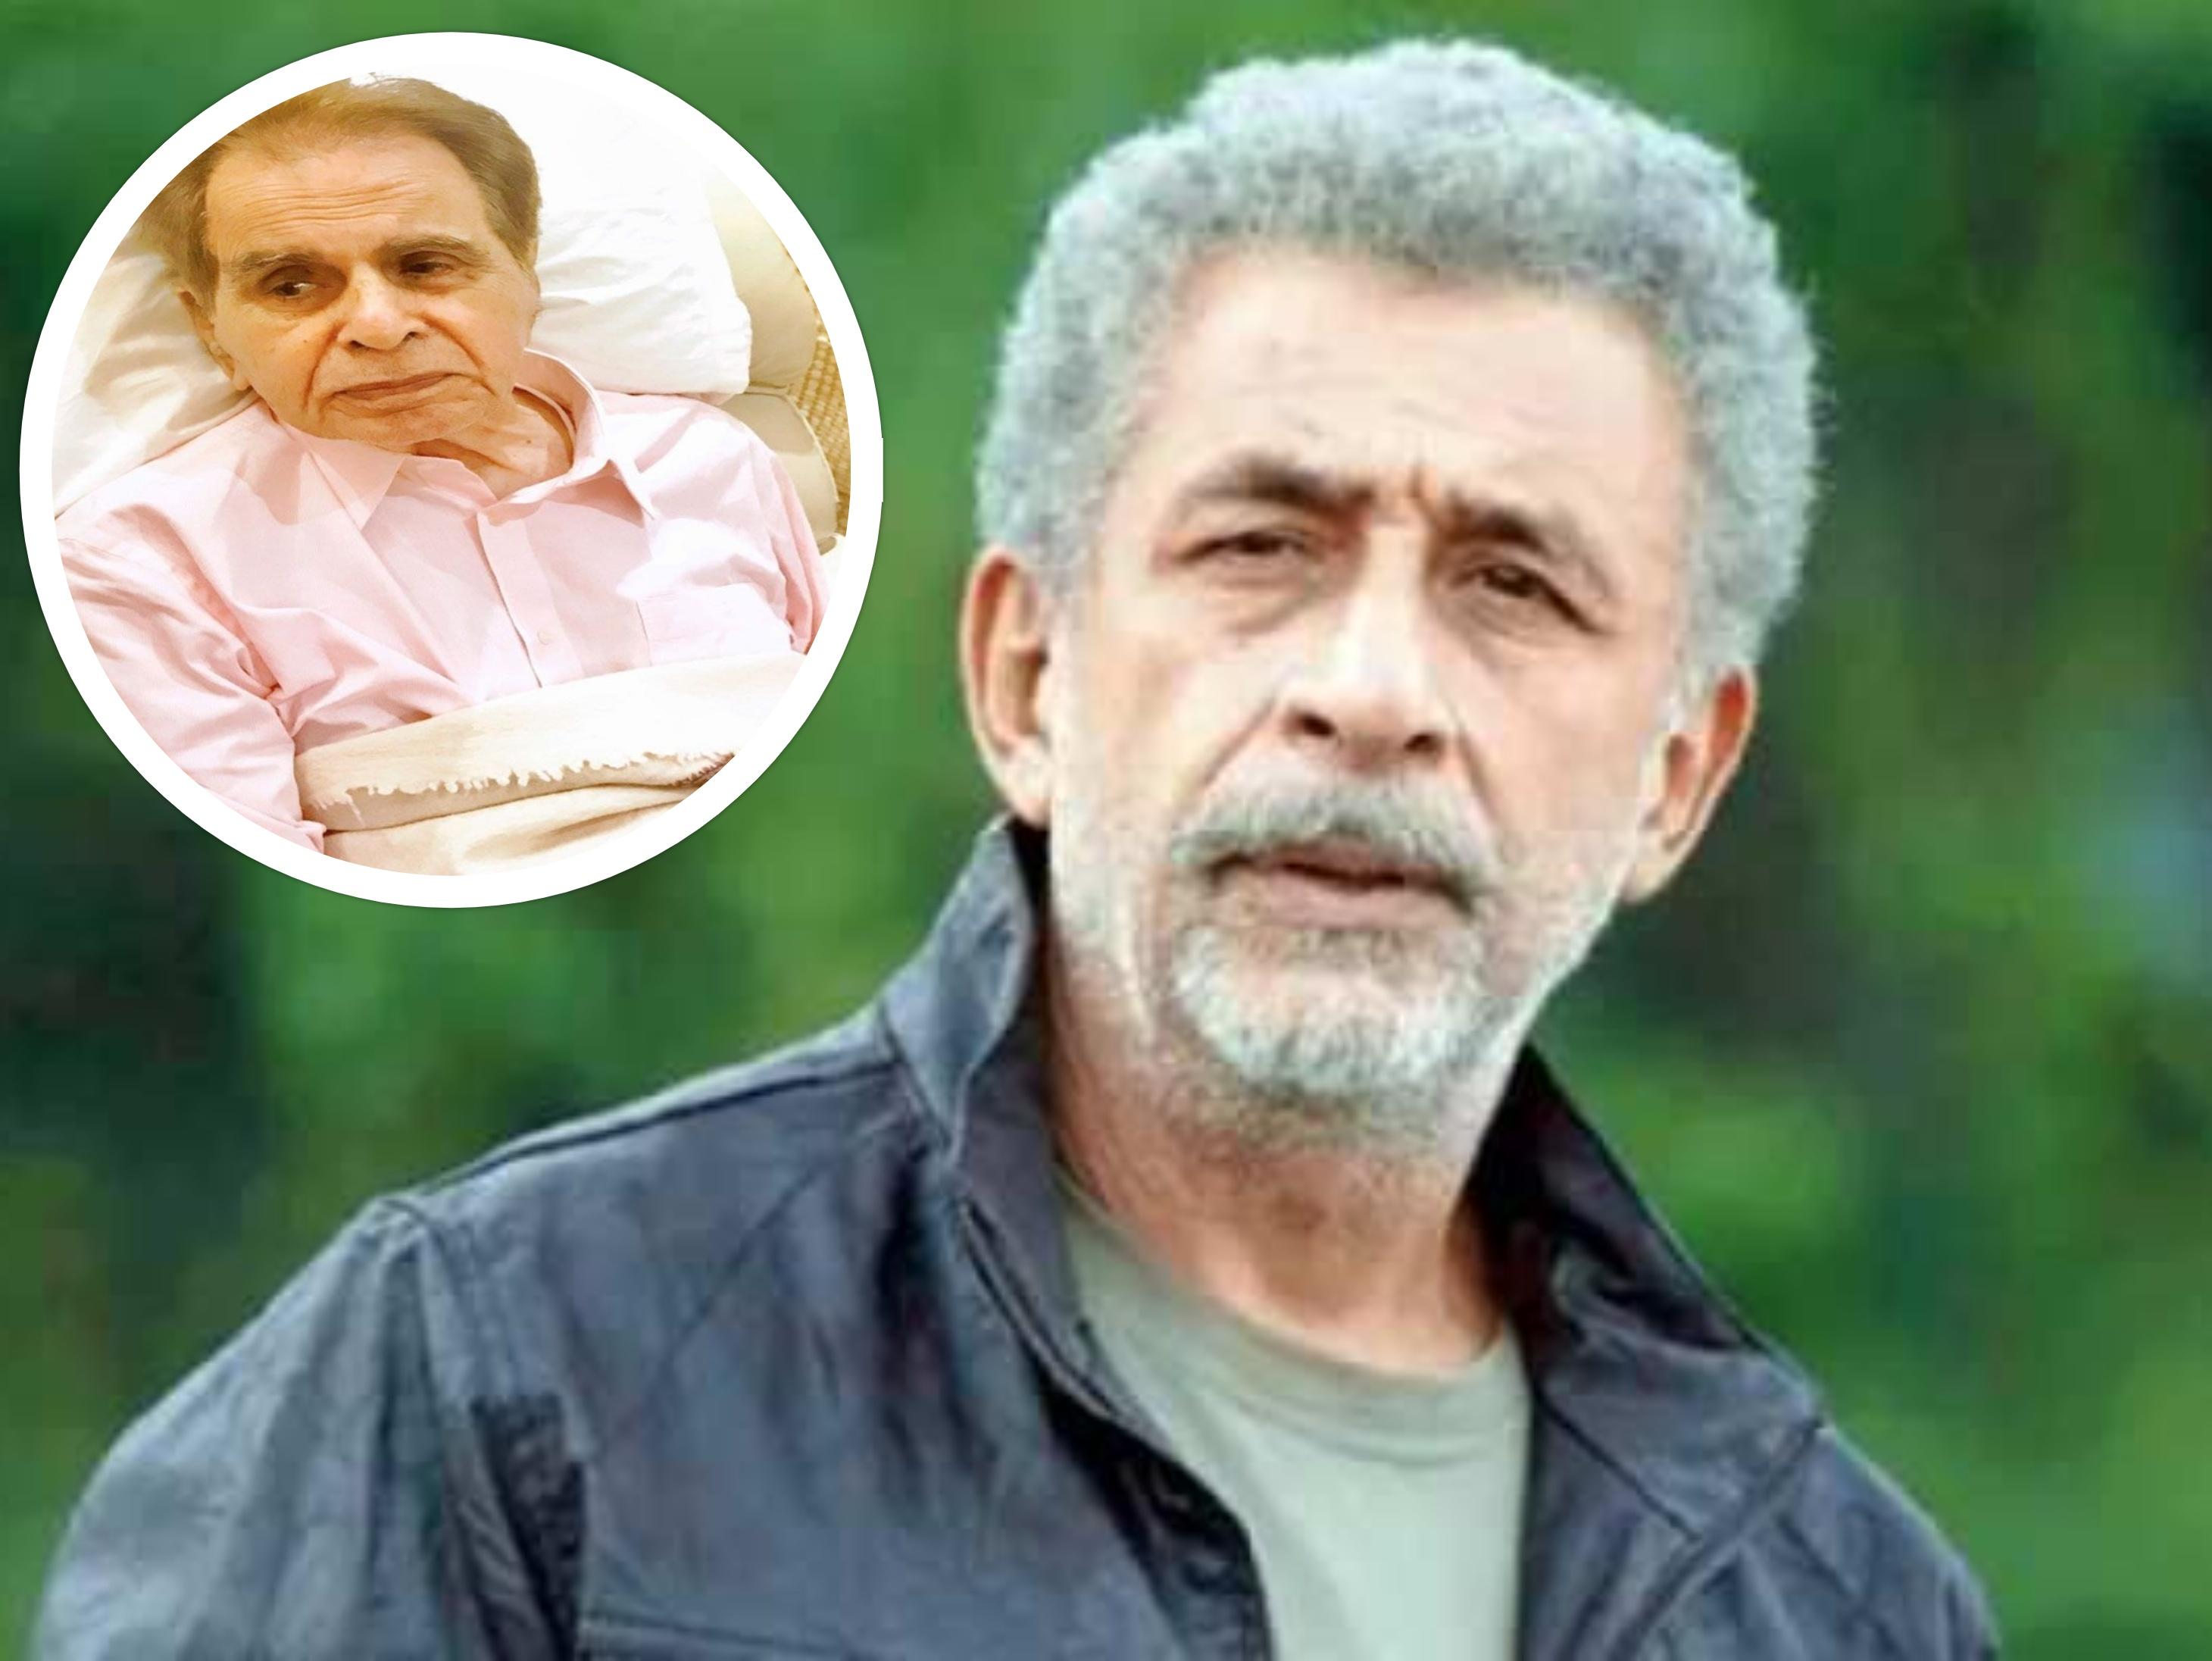 दिलीप कुमार को आज लाया जाएगा ICU से बाहर, नसीरुद्दीन शाह भी हो सकते हैं डिस्चार्ज बॉलीवुड,Bollywood - Dainik Bhaskar